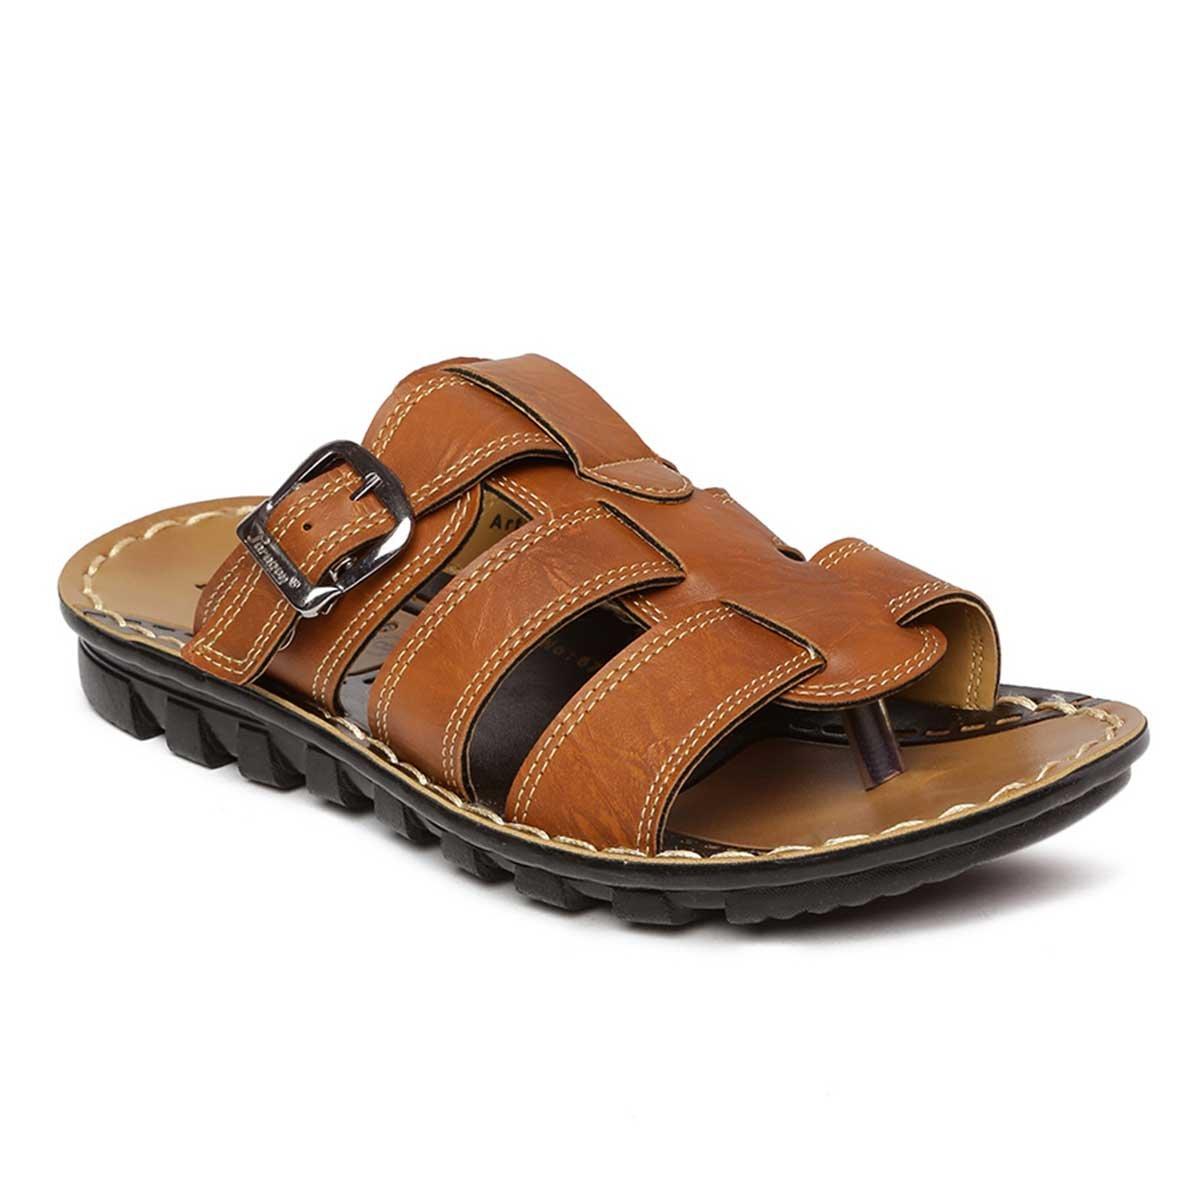 3dcbfd31185 PARAGON Vertex Men s Brown Flip-Flops – Buy Bestow